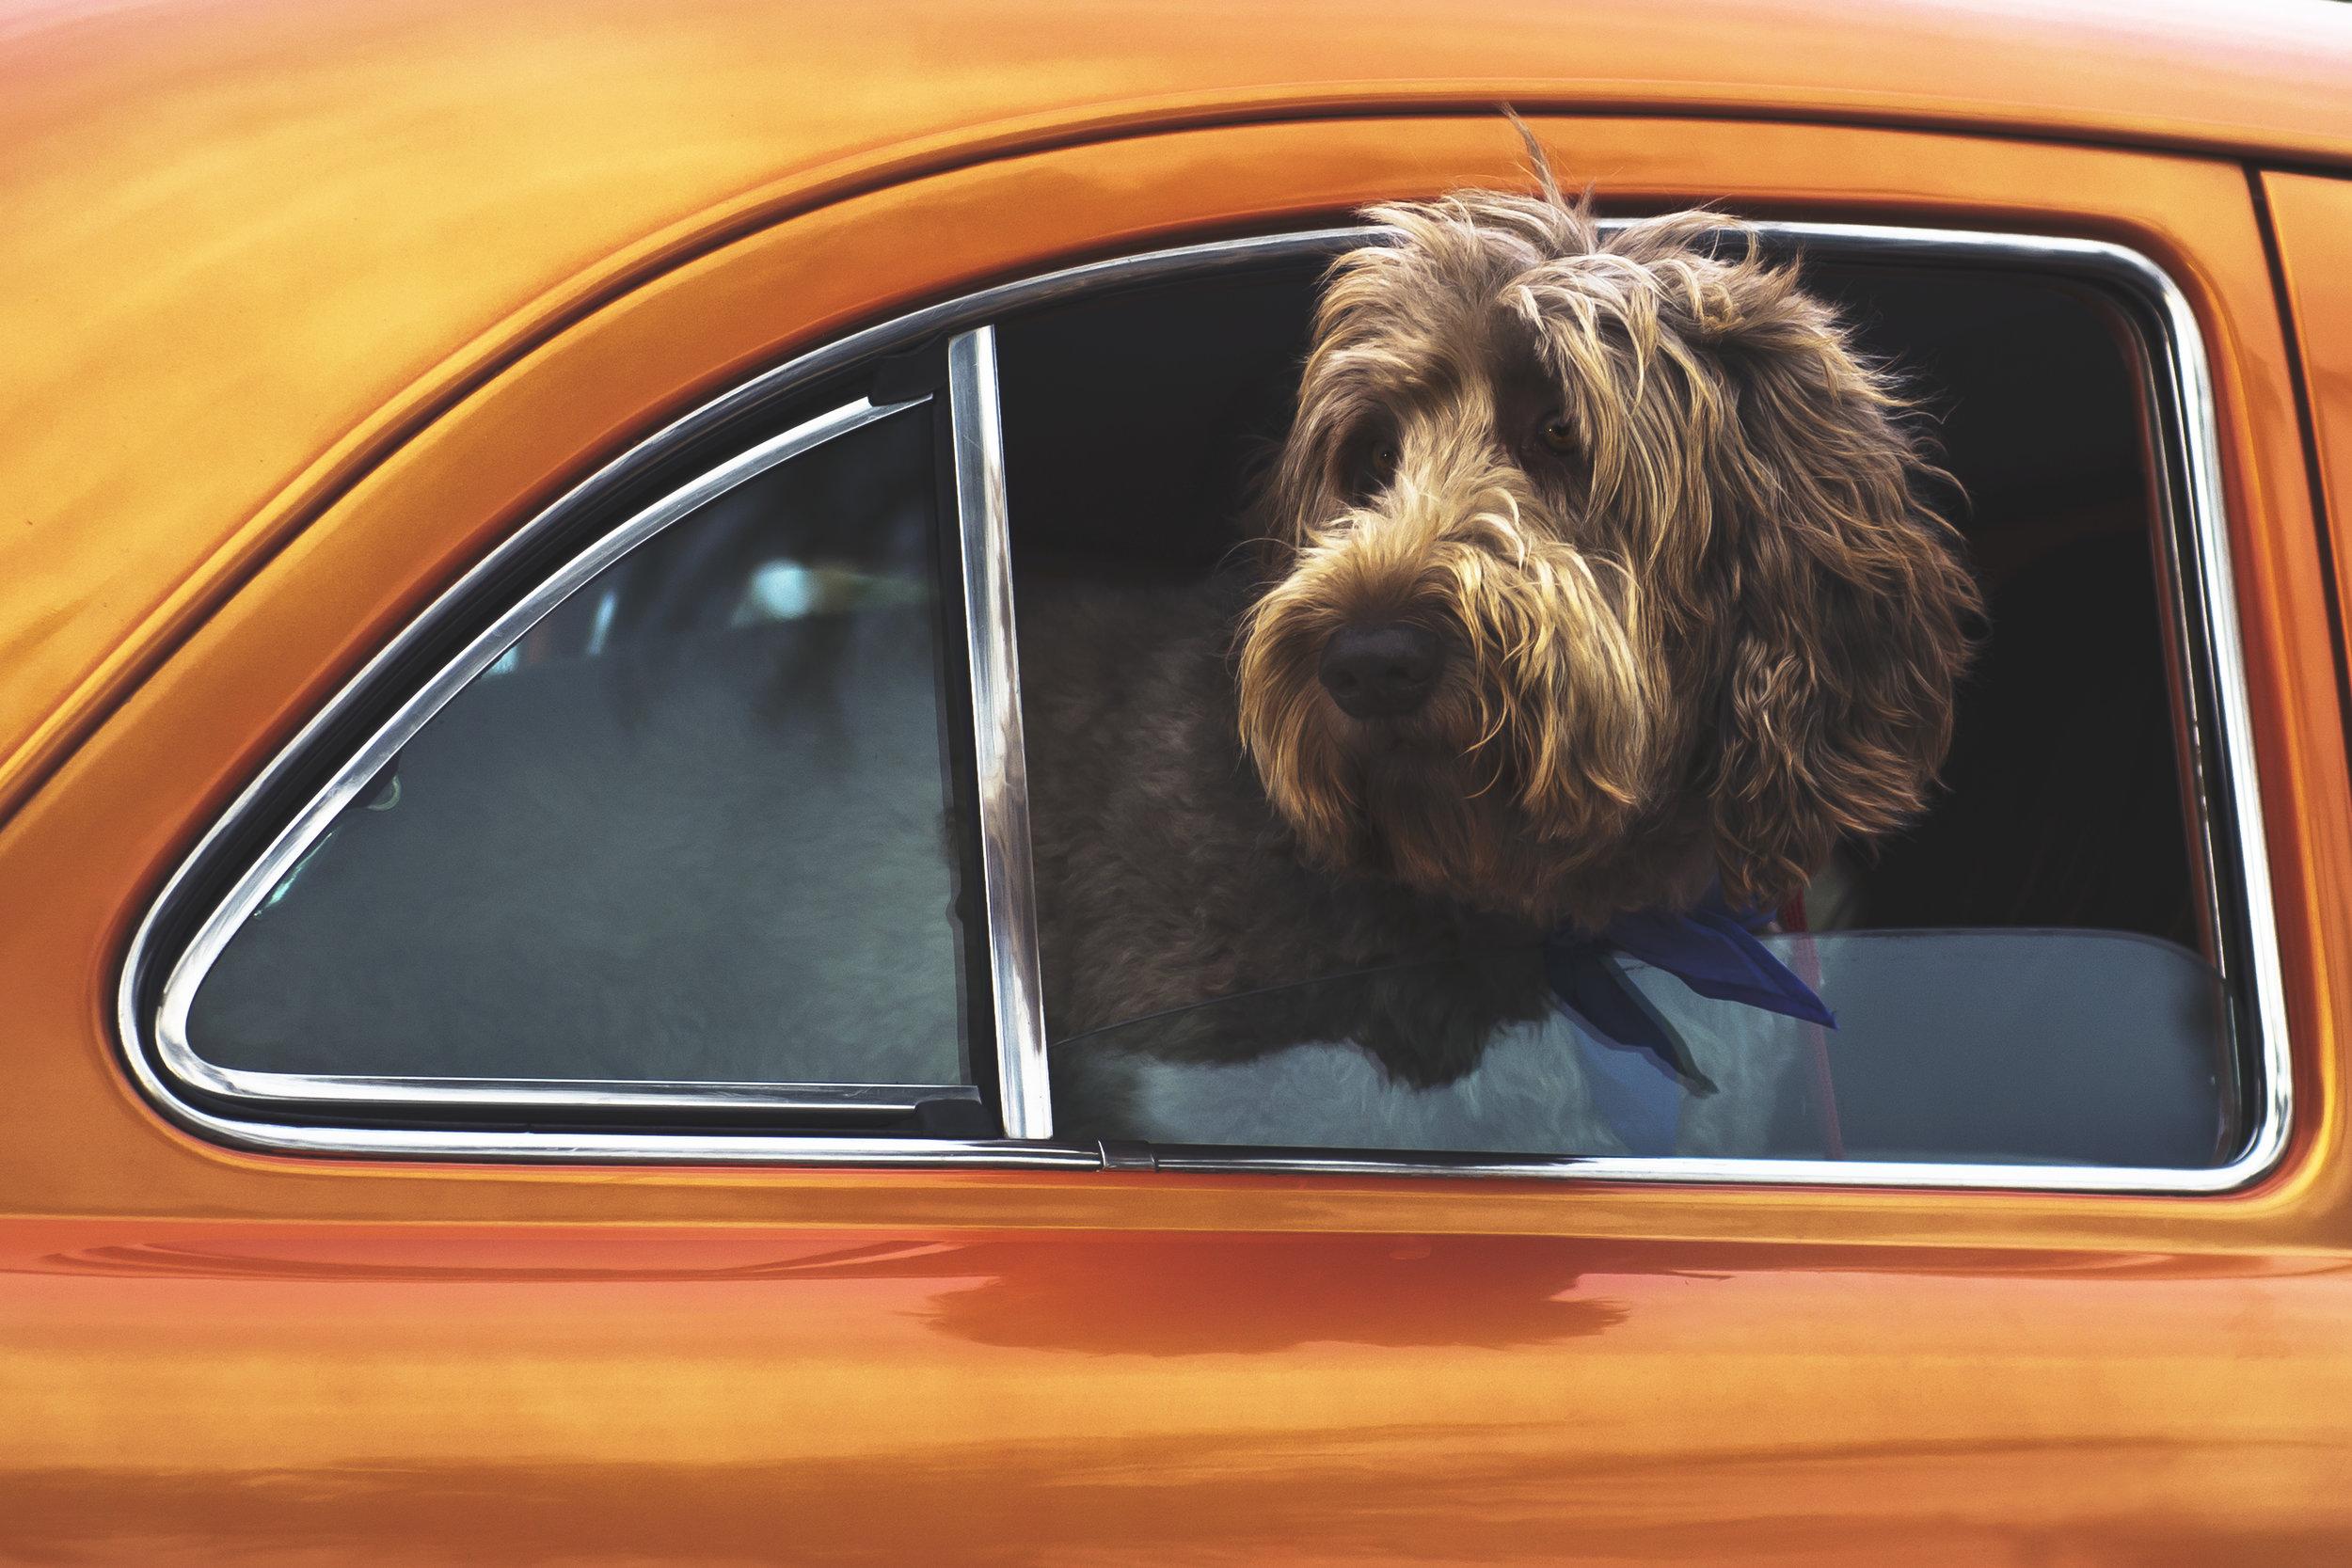 Pet-friendly půjčovna obytných aut - Vyražte na dovolenou v obytném autě se svými mazlíčky - půjčíme vám kompletně vybavený vůz přizpůsobený pro cestování se zvířaty.